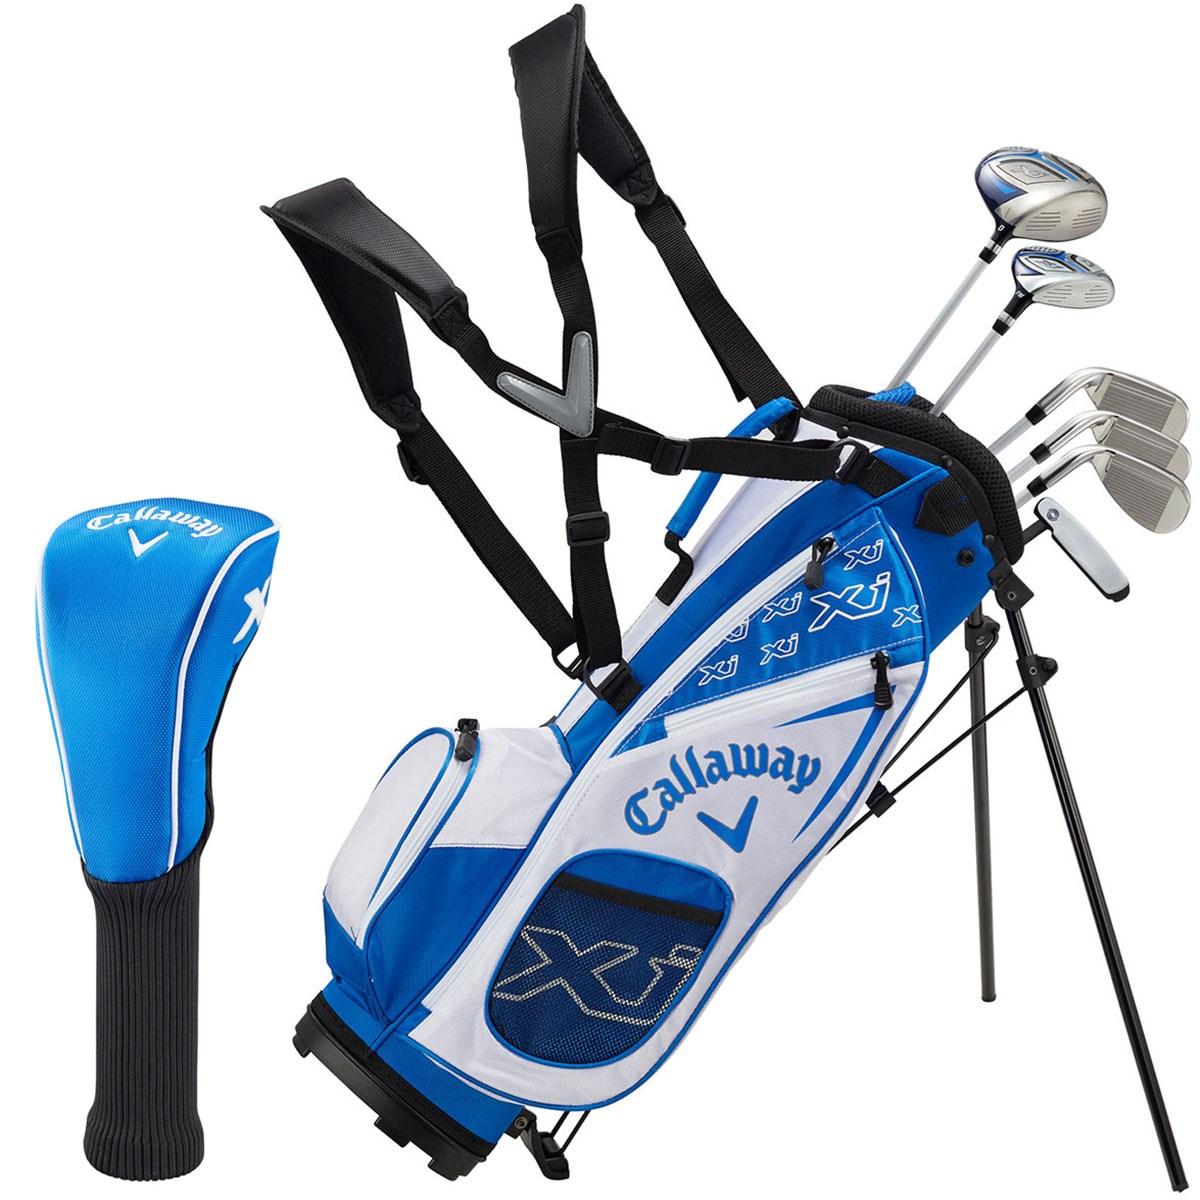 キャロウェイゴルフ(Callaway Golf) XJ-2 クラブセット(6本セット)115-135cmサイズジュニア